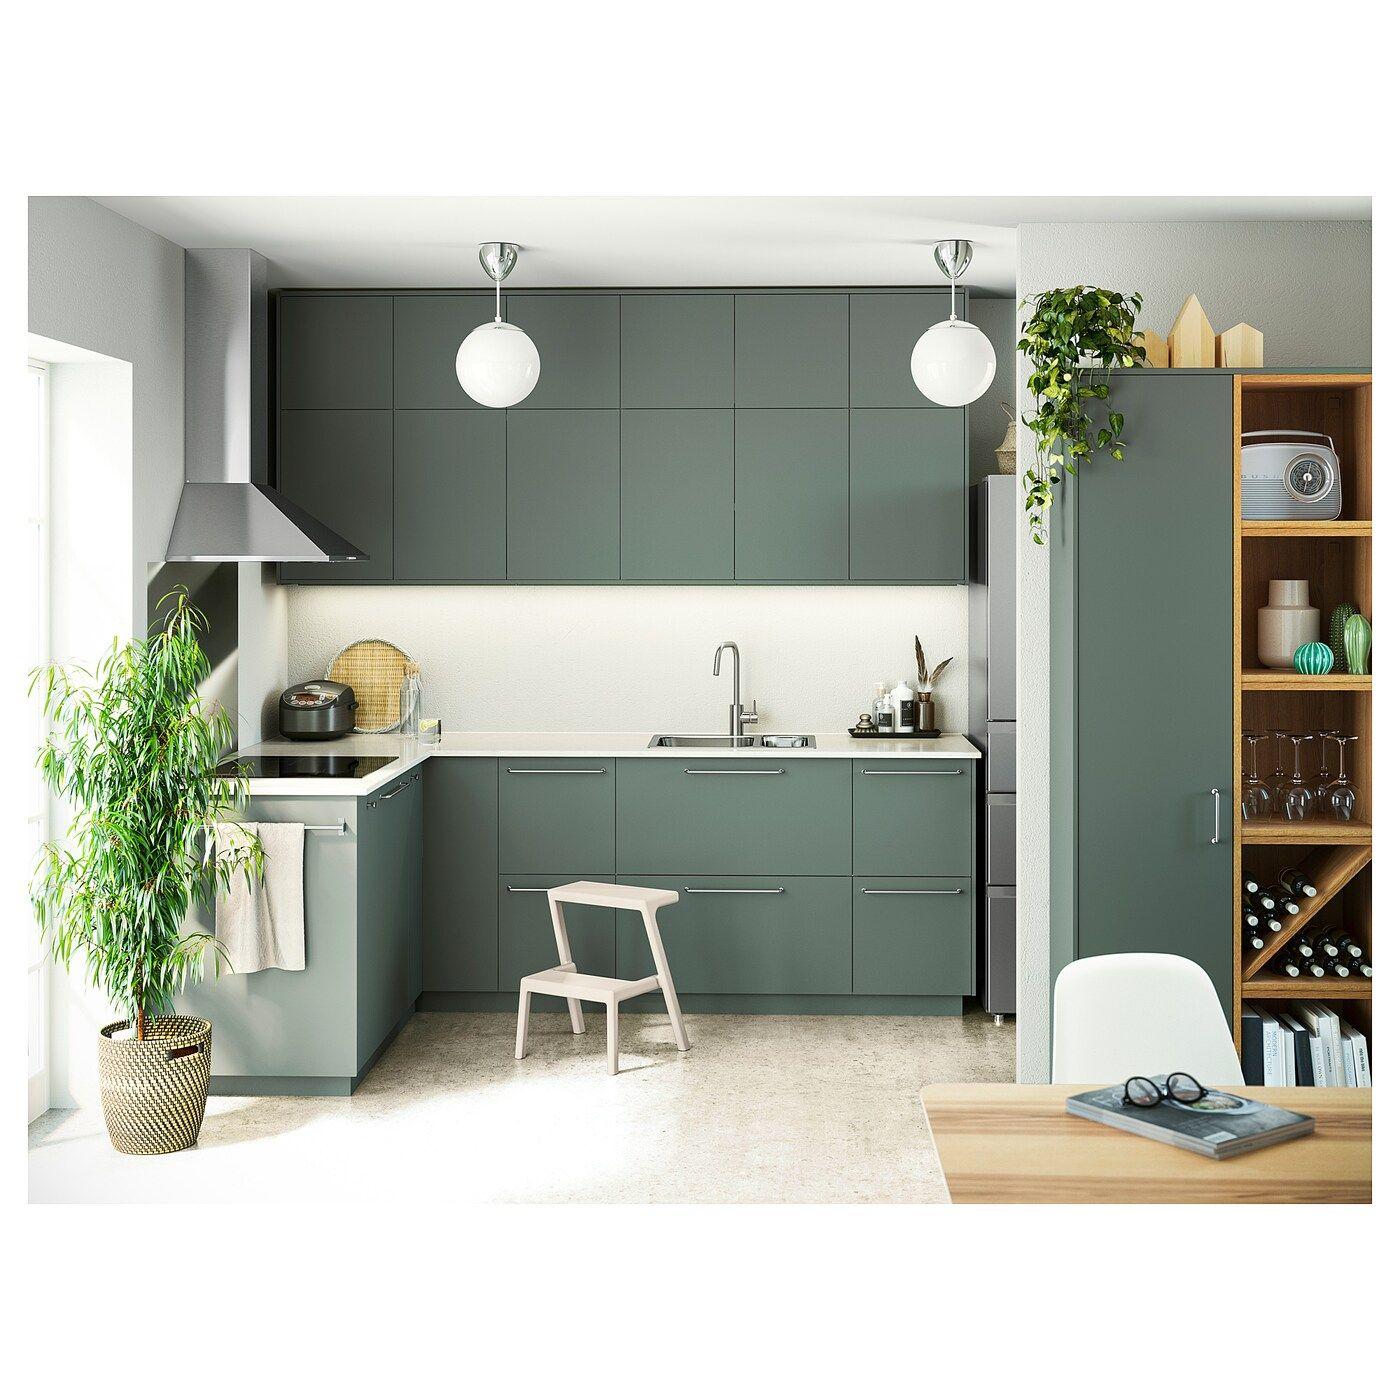 Full Size of Arbeitsplatte Betonoptik Ikea Msterby Step Stool Beige With Images Kitchen Arbeitsplatten Küche Miniküche Kosten Bad Sofa Mit Schlaffunktion Modulküche Wohnzimmer Arbeitsplatte Betonoptik Ikea